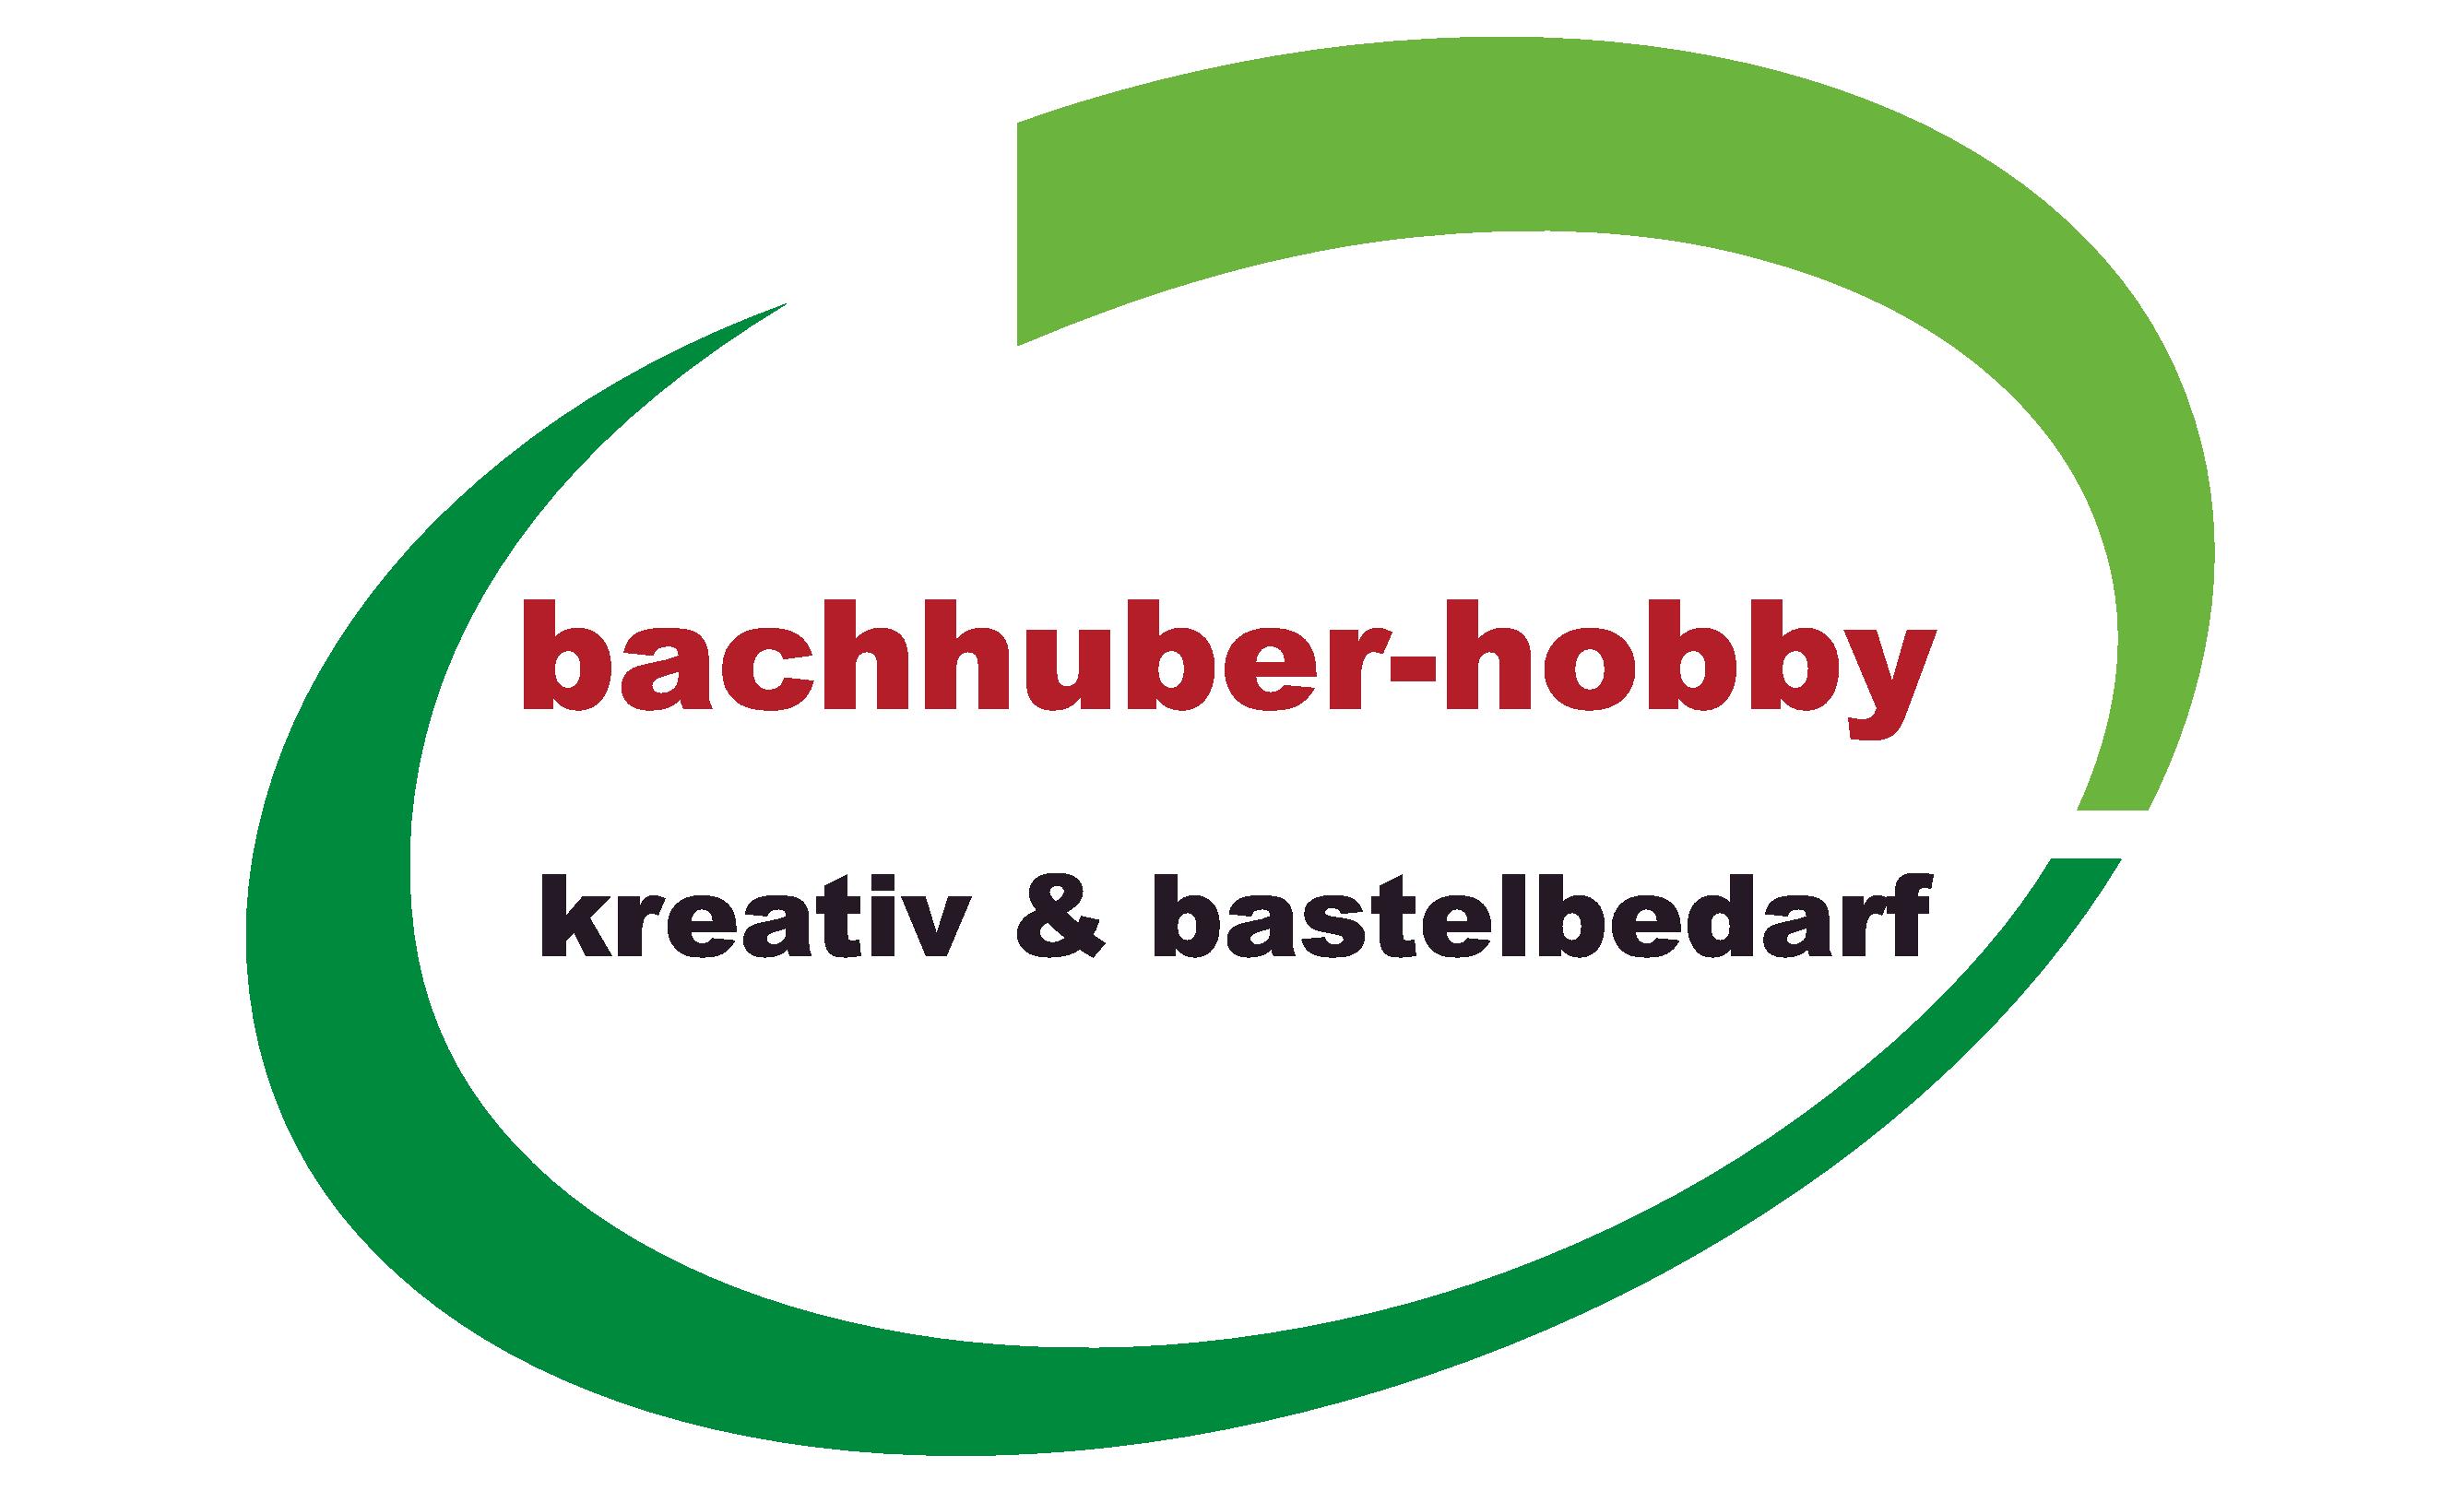 BACHHUBER HOBBY SHOP | Kreativ & Bastelbedarf